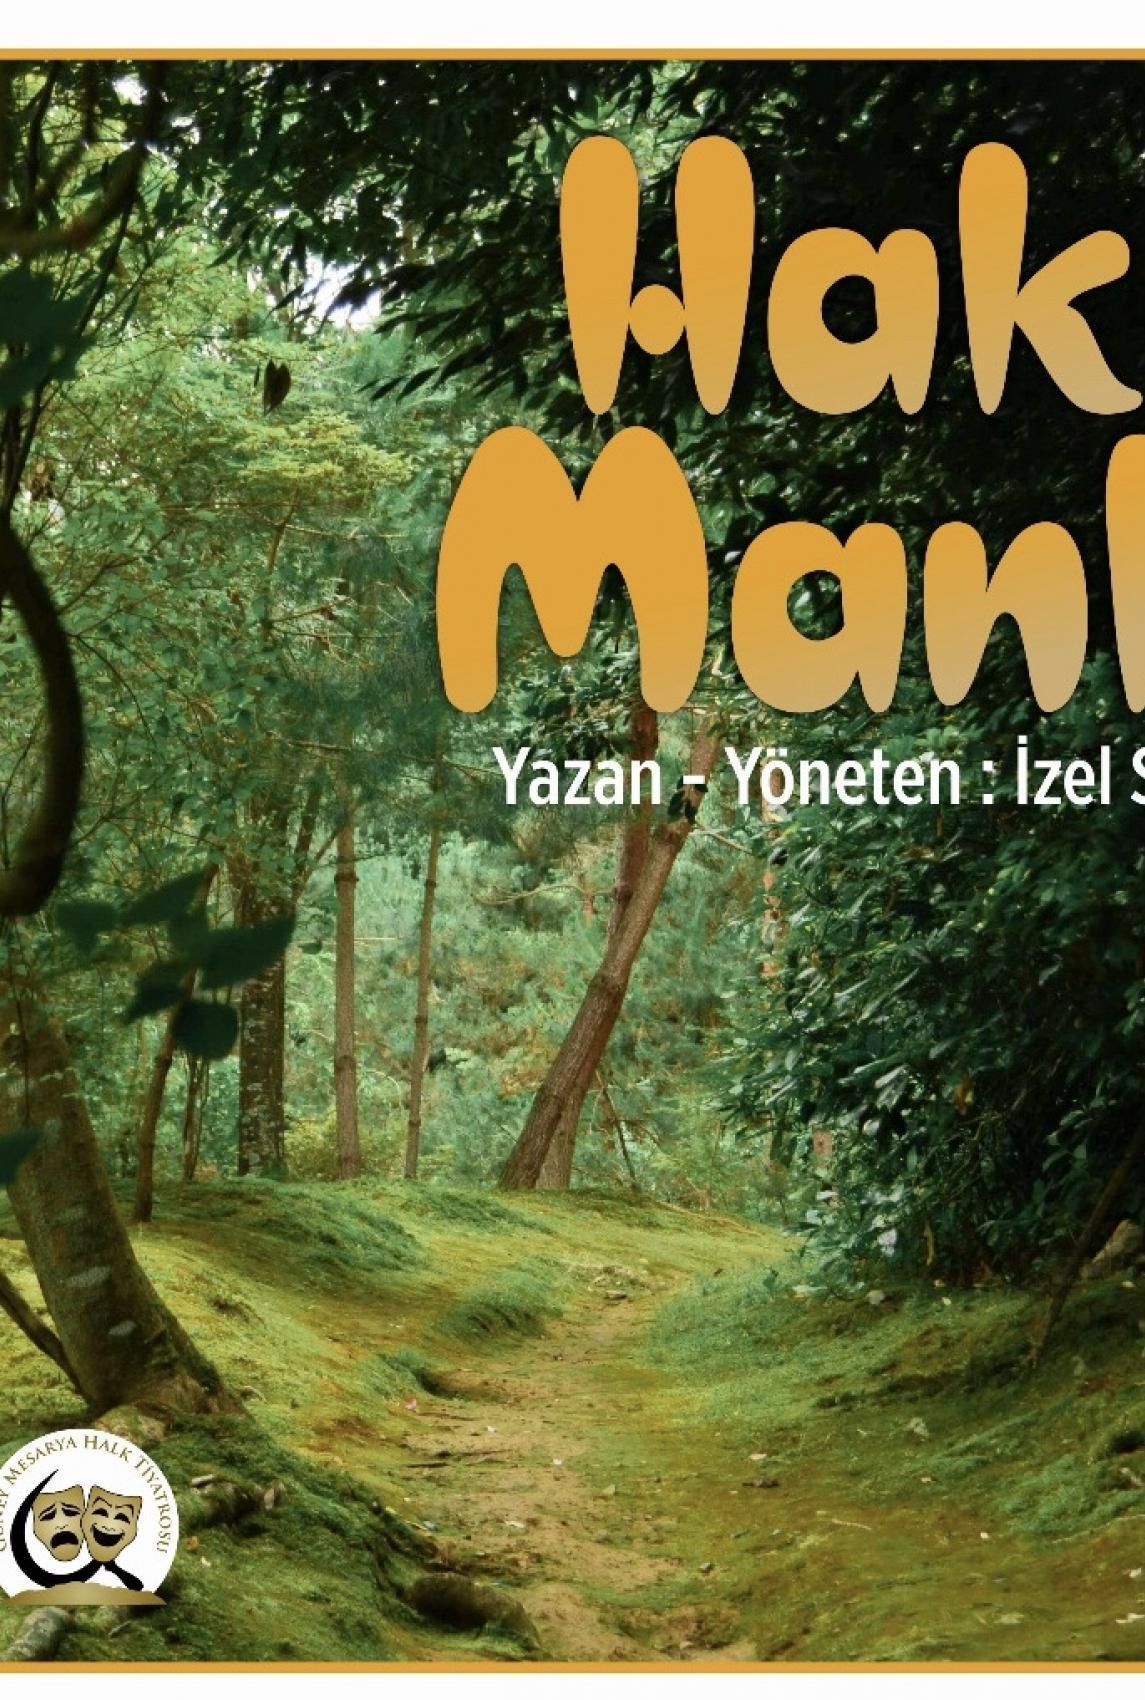 Haka Manki